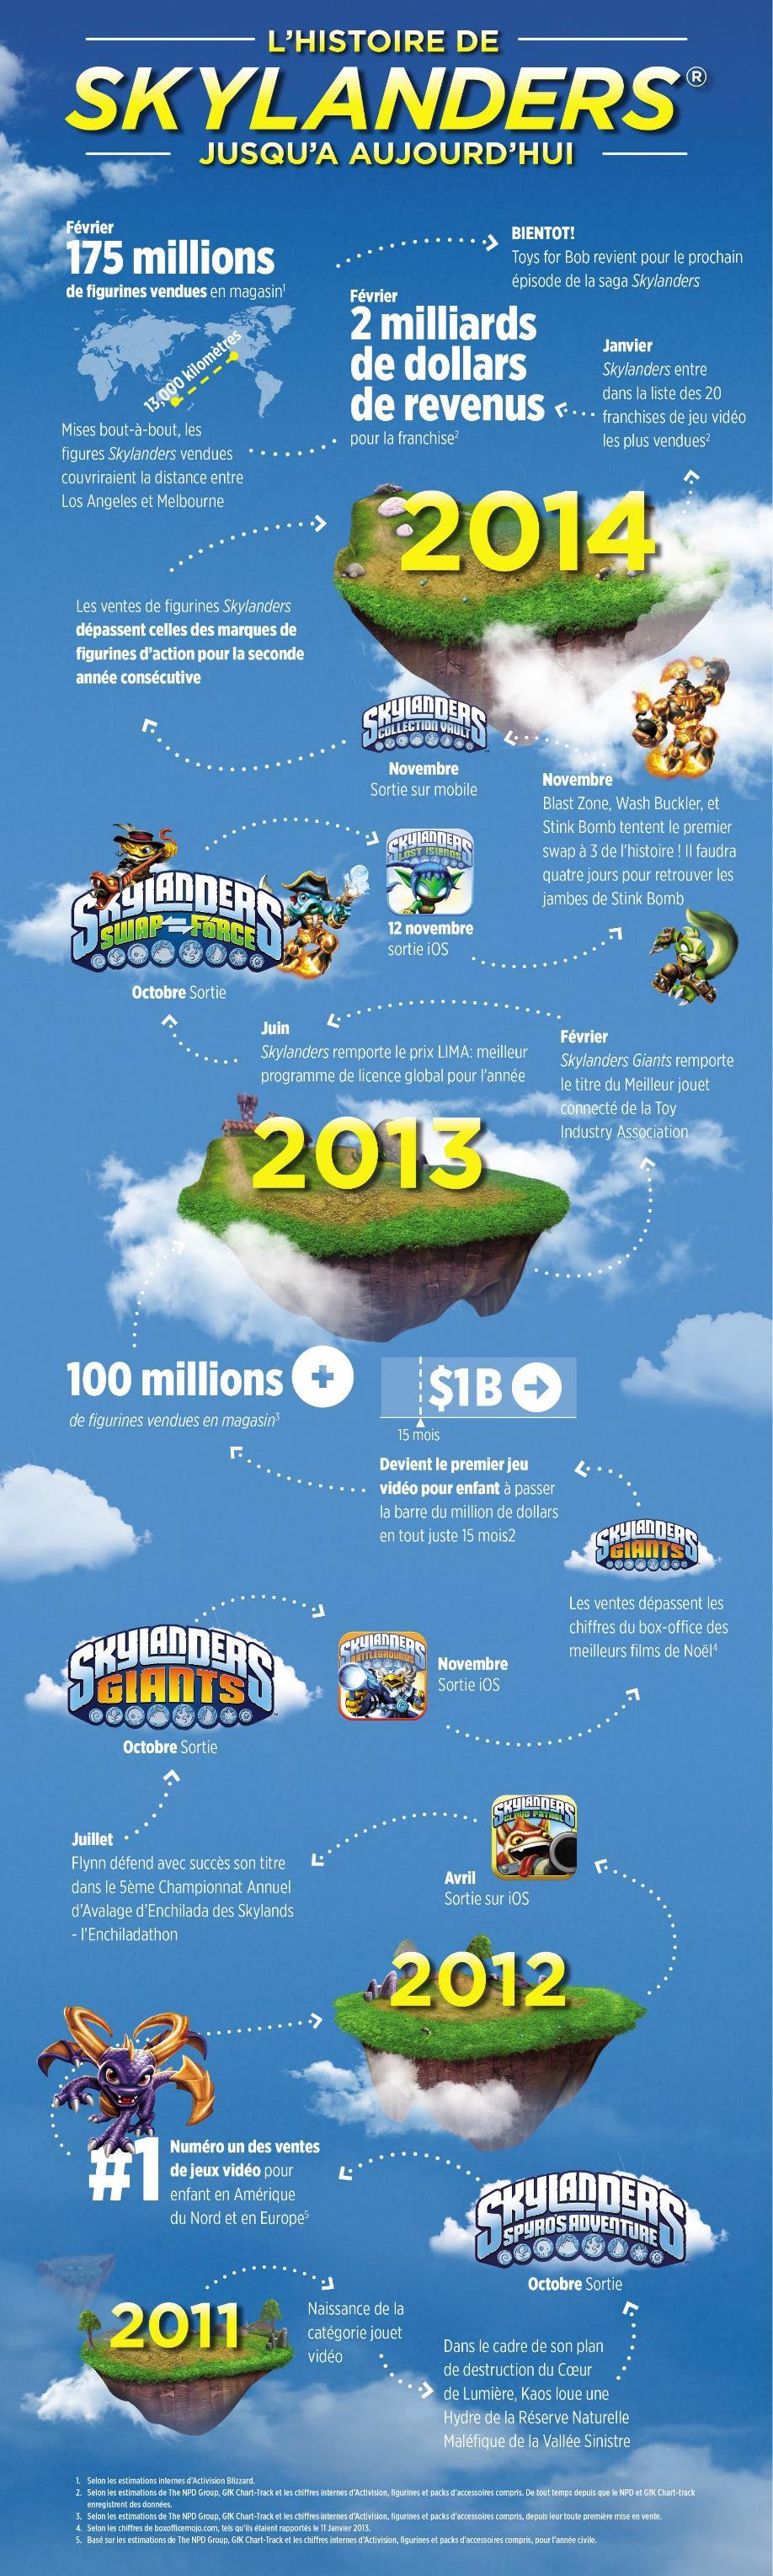 Infographie Skylanders